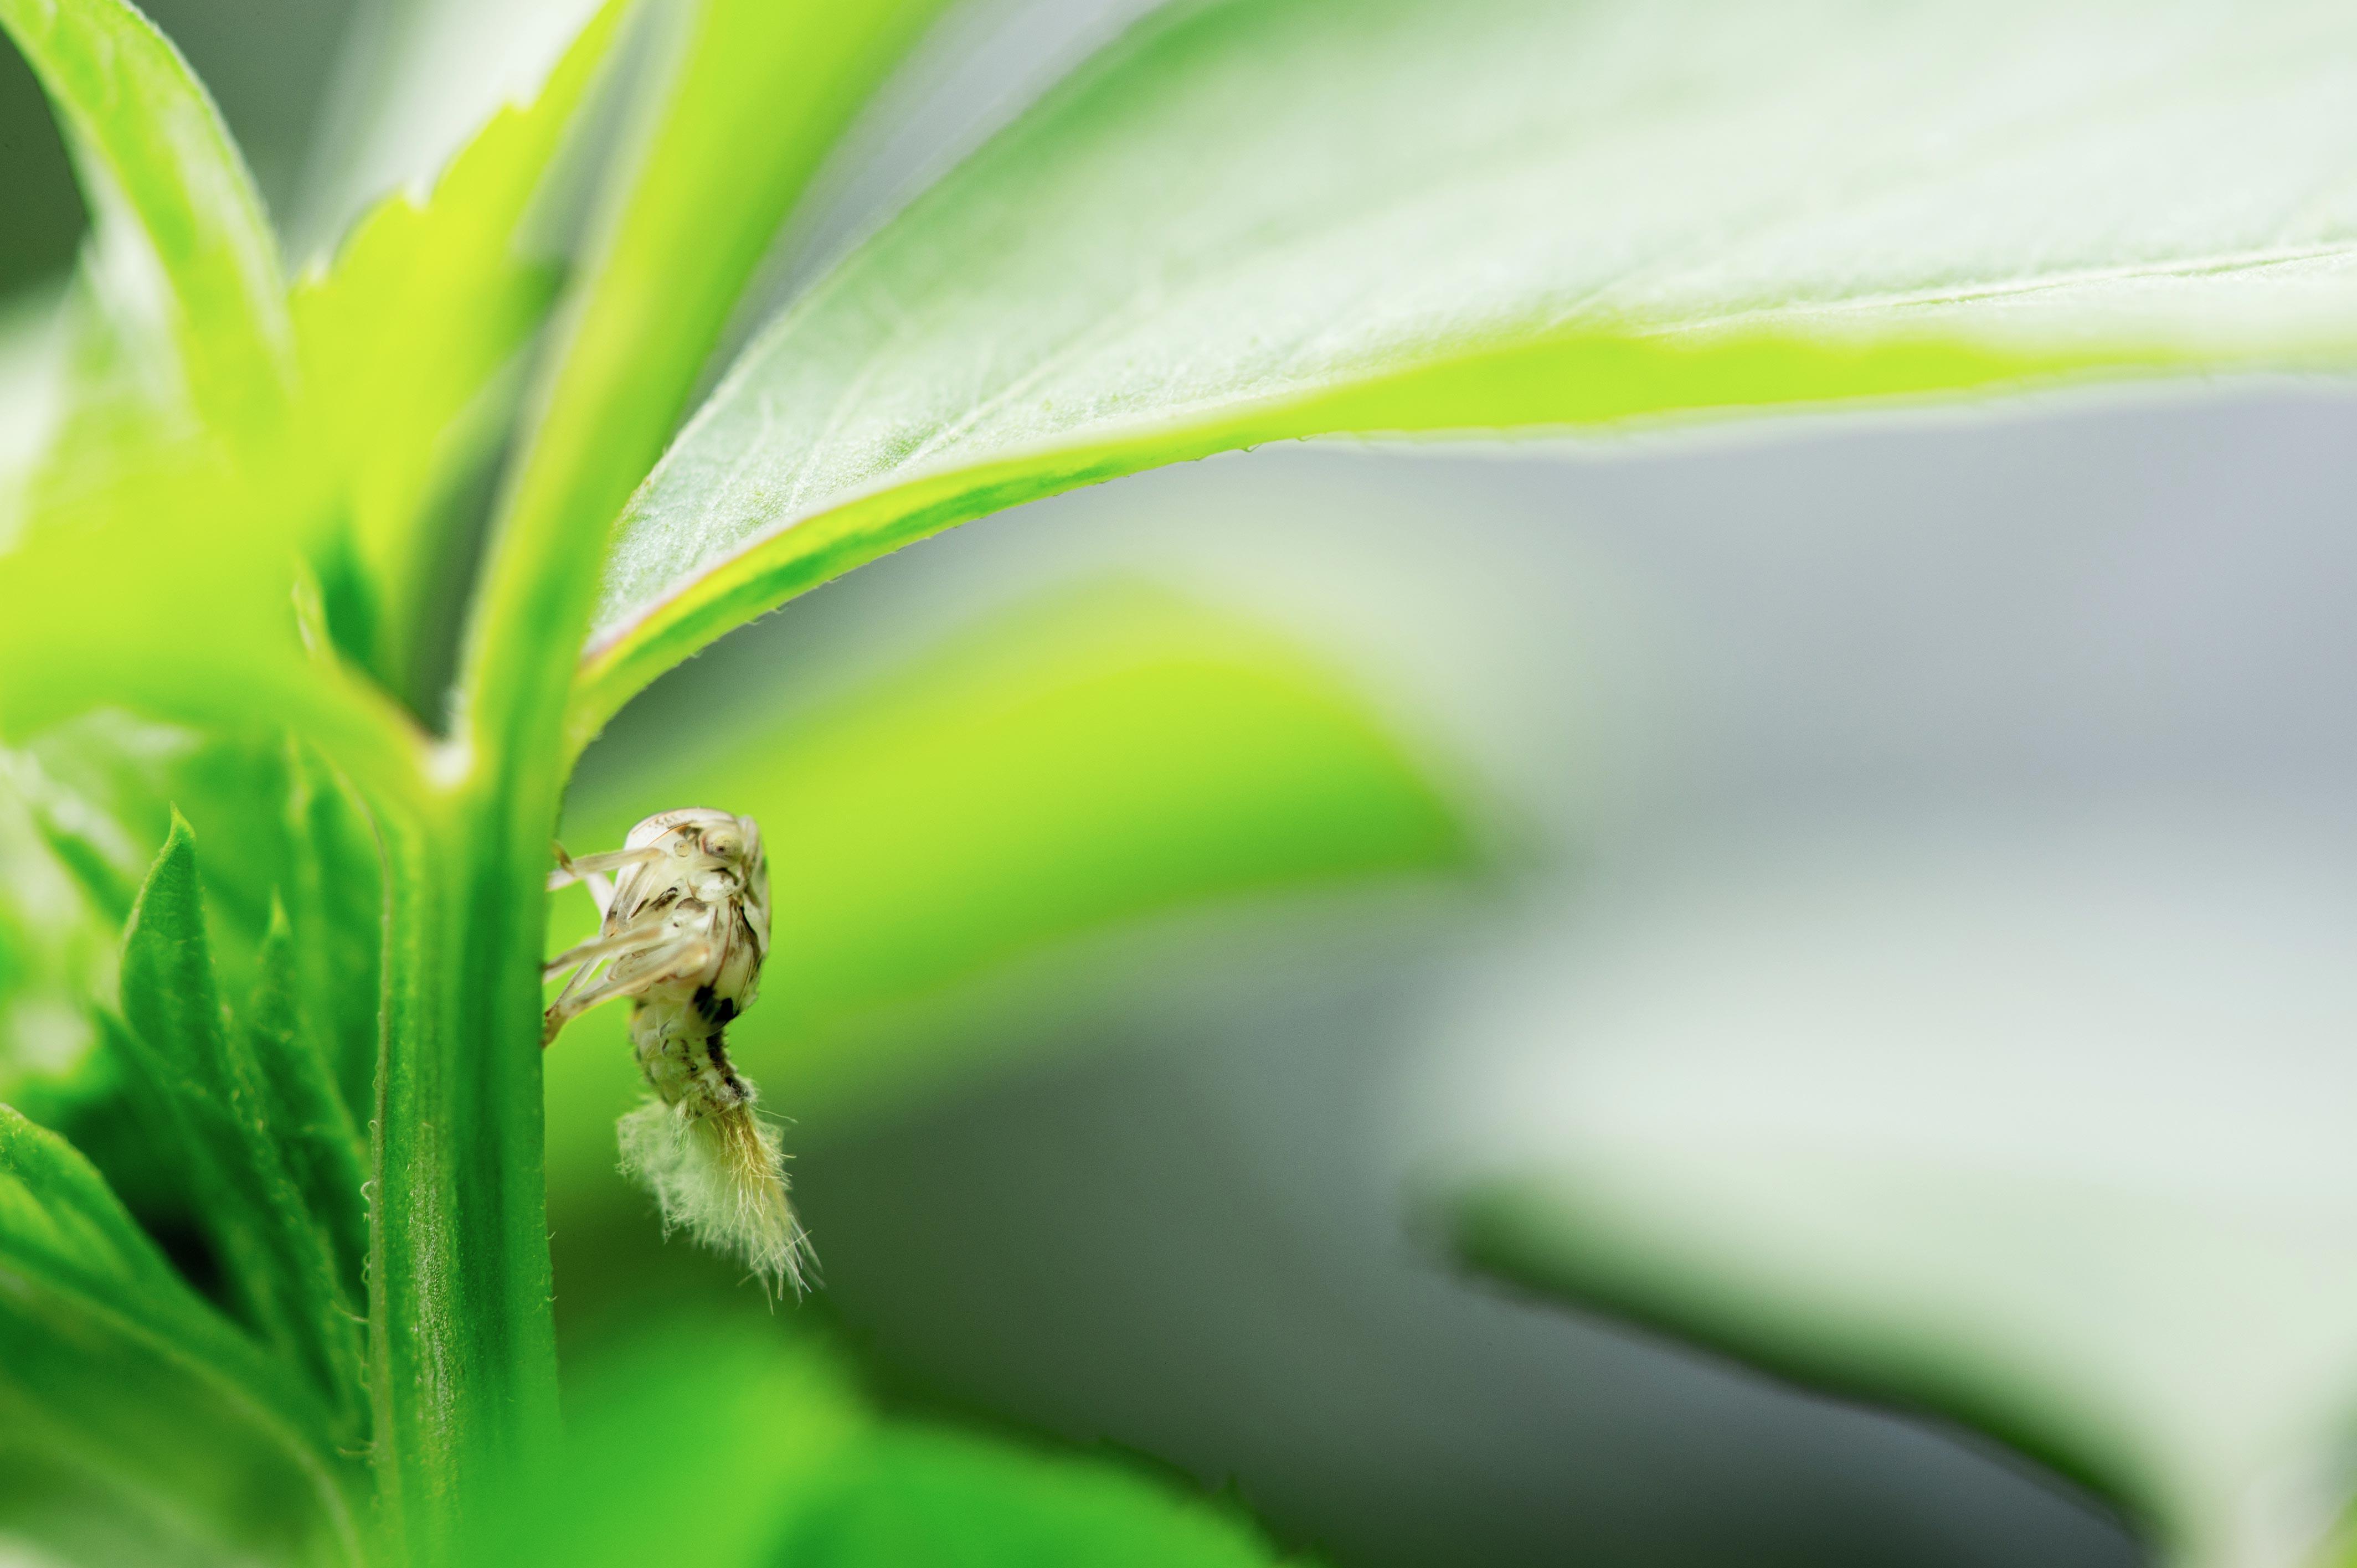 オキナワハゴロモモドキの幼虫の写真